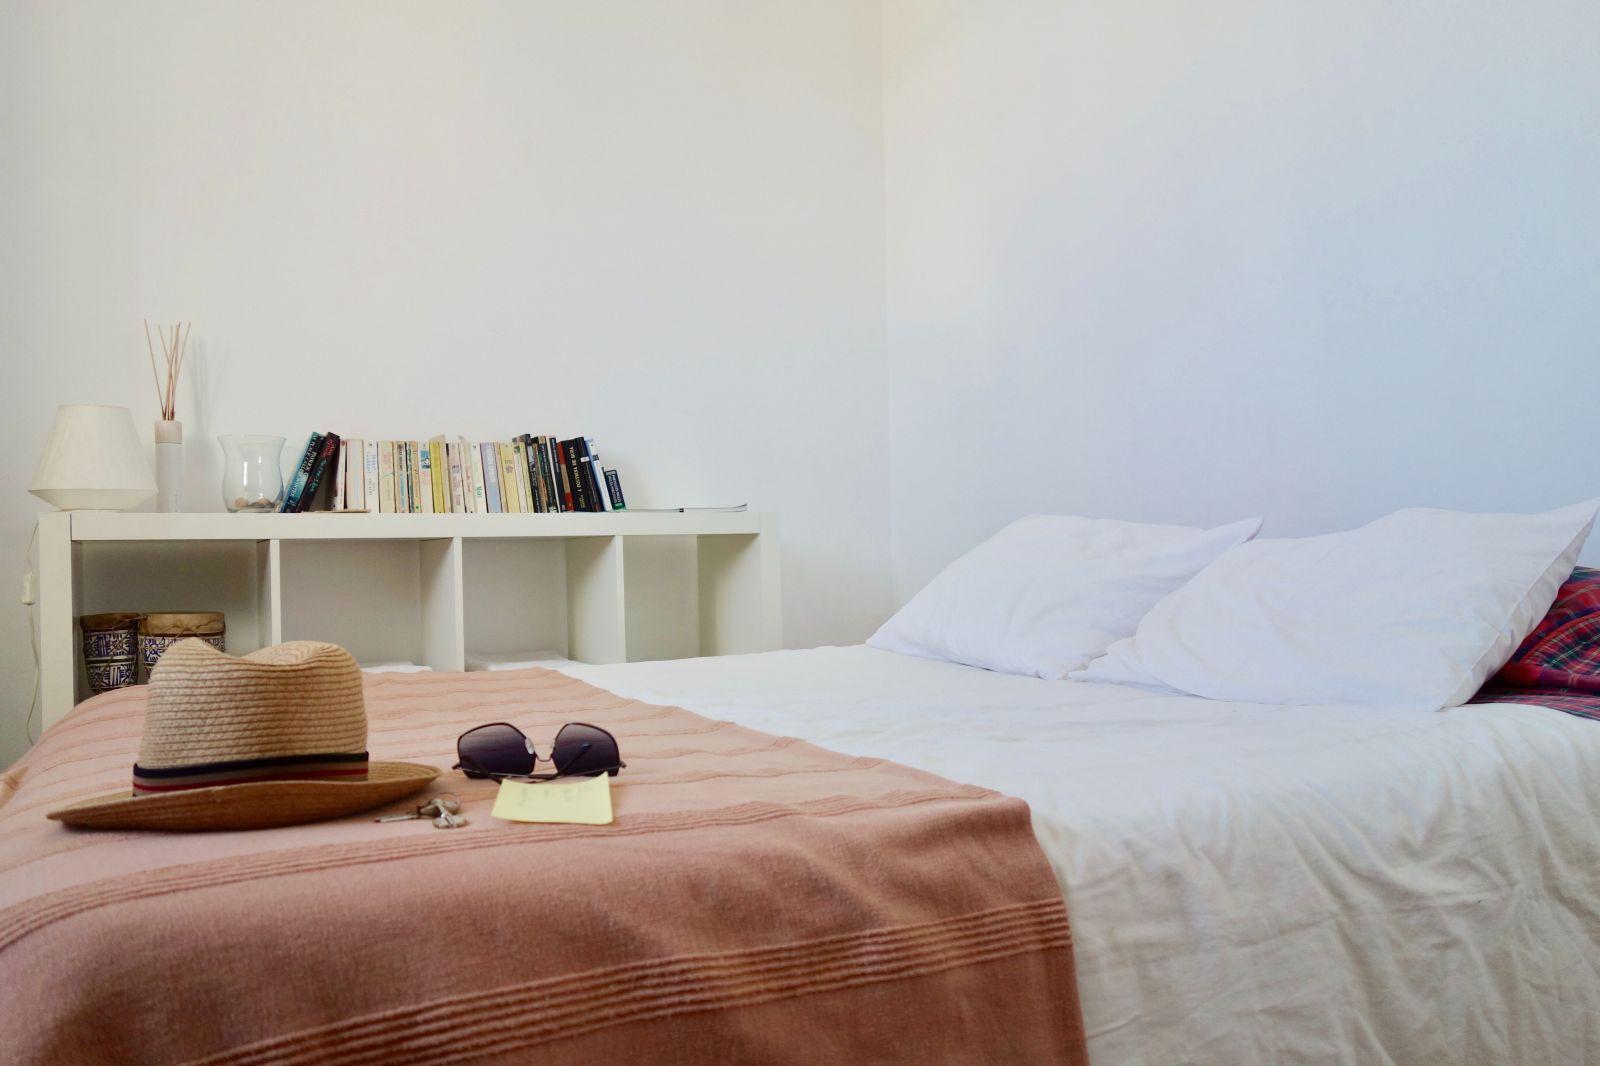 Vytvorí doma príjemnú atmosféru, zbaví ťa stresu a navodí spánok